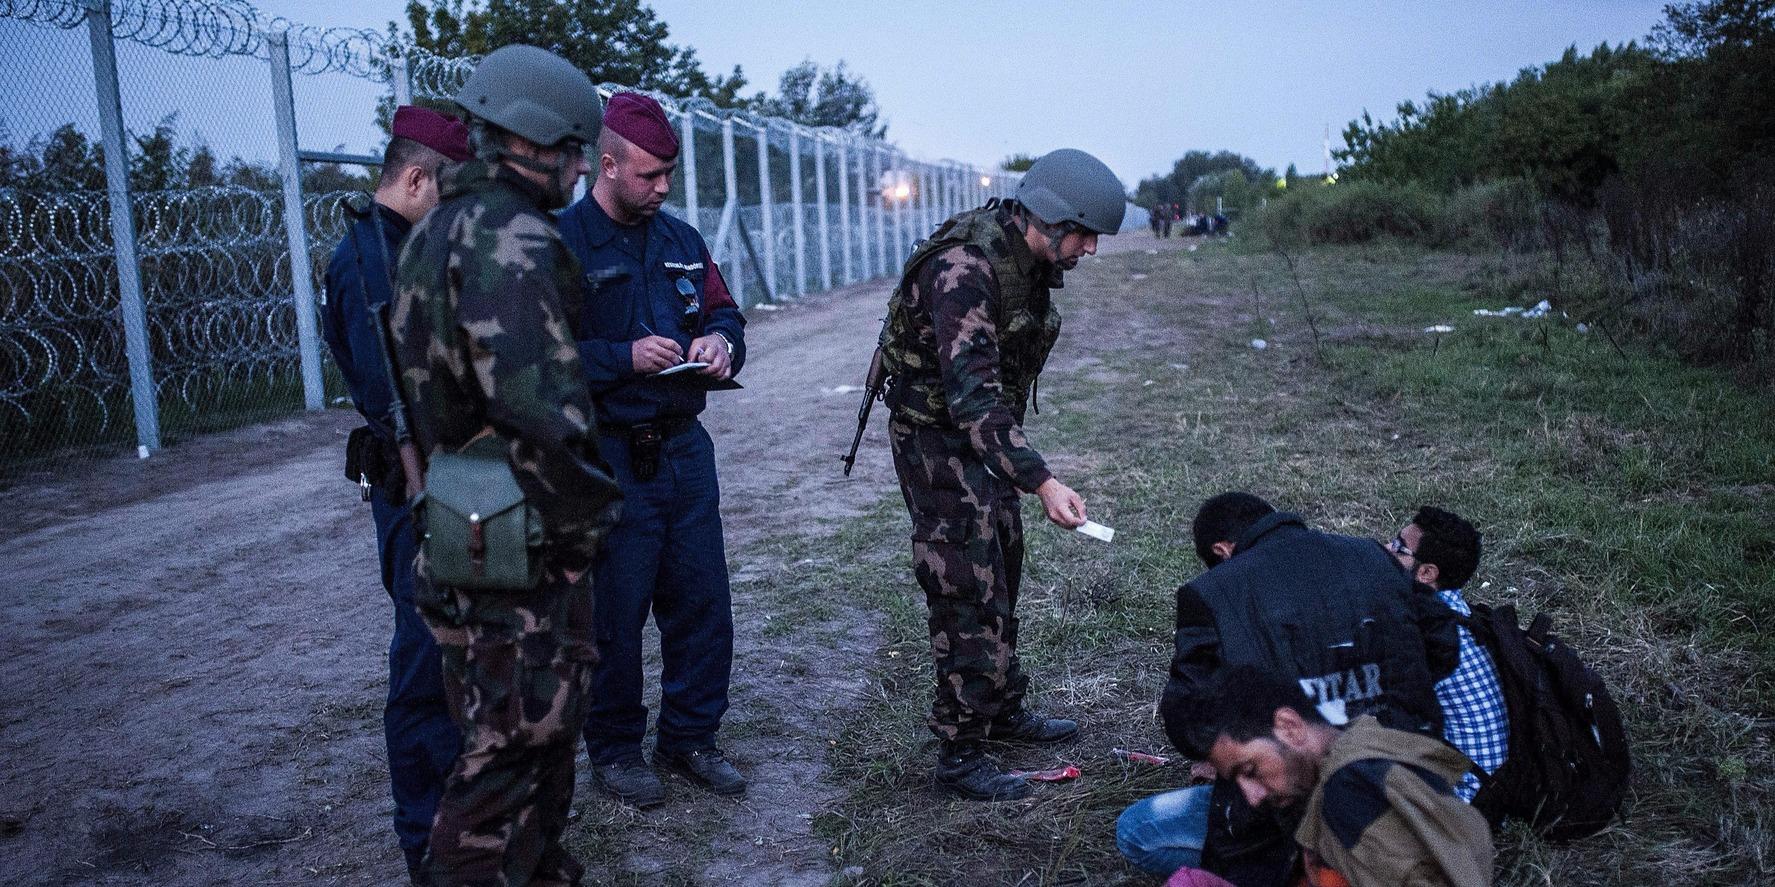 Katonák és rendőrök három elfogott illegális bevándorlót őriznek a biztonsági határzár mellett a szerb-magyar határon, Röszke térségében 2015. szeptember 15-én. (MTI Fotó: Ujvári Sándor)